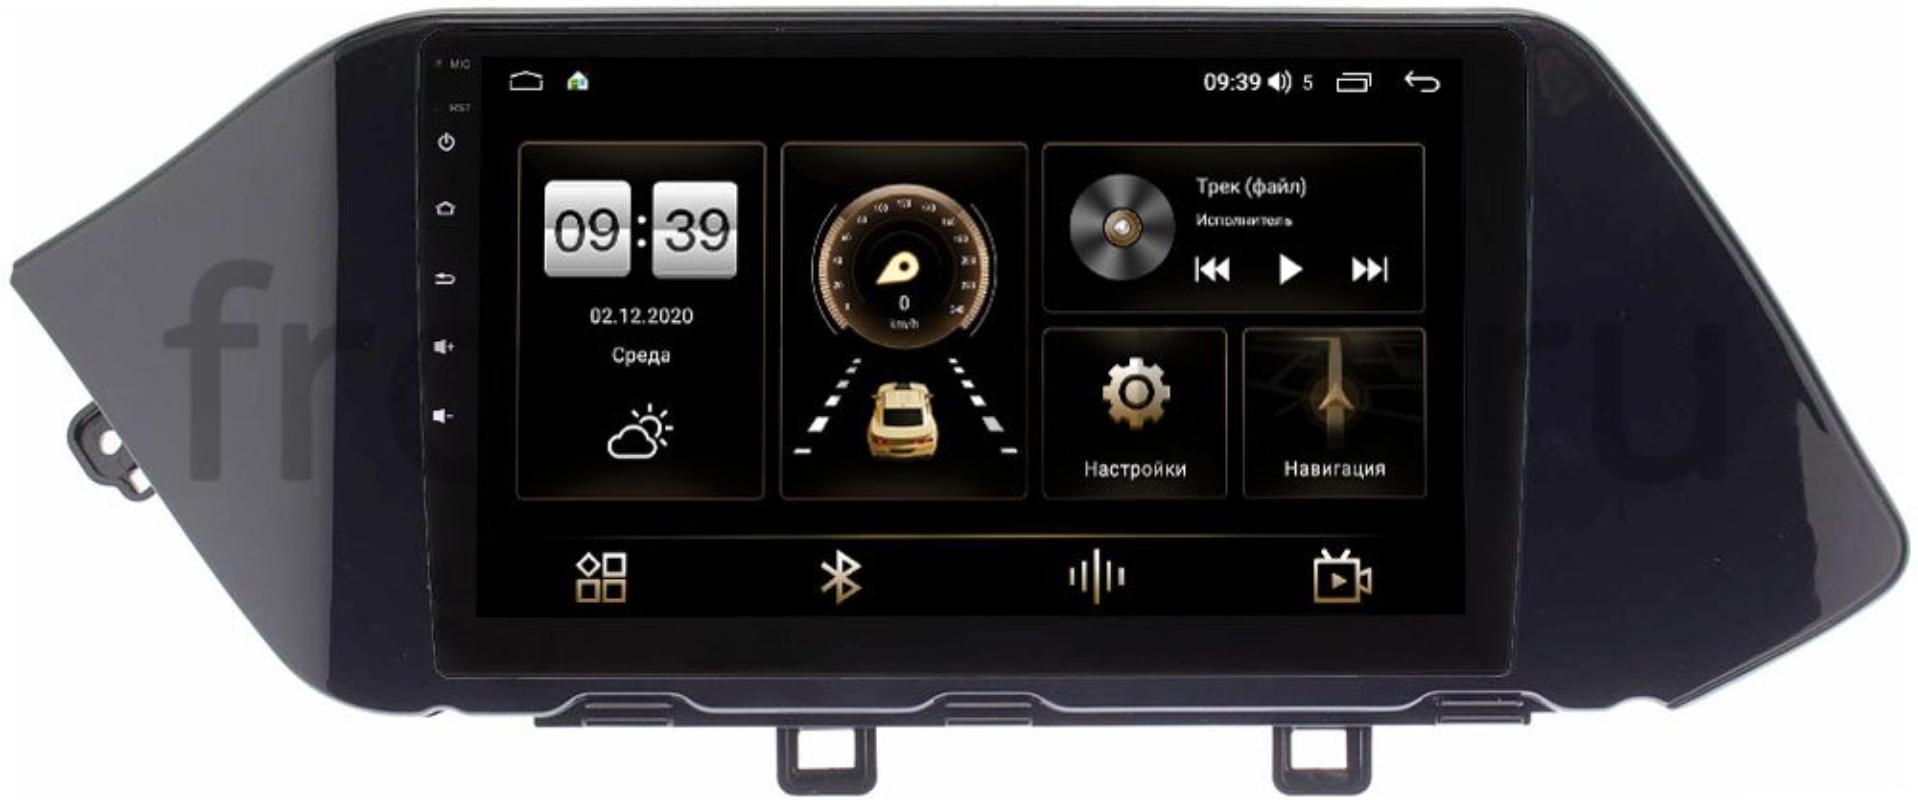 Штатная магнитола LeTrun 4166-9-317 для Hyundai Sonata VIII (DN8) 2019-2021 на Android 10 (4G-SIM, 3/32, DSP, QLed) (+ Камера заднего вида в подарок!)